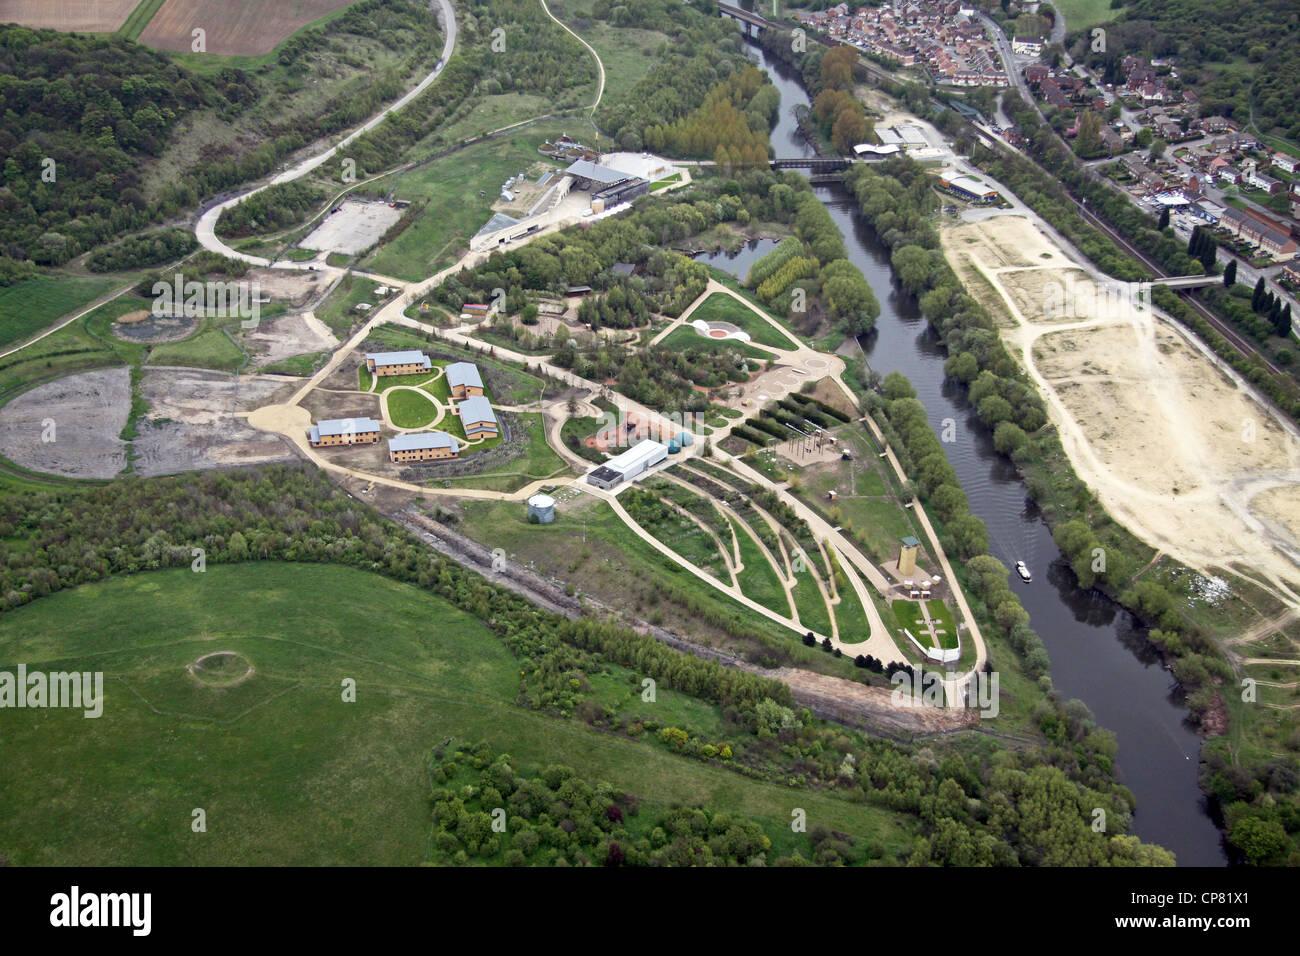 Vista aerea del centro di massa, ora chiuso, a Conisborough South Yorkshire Immagini Stock